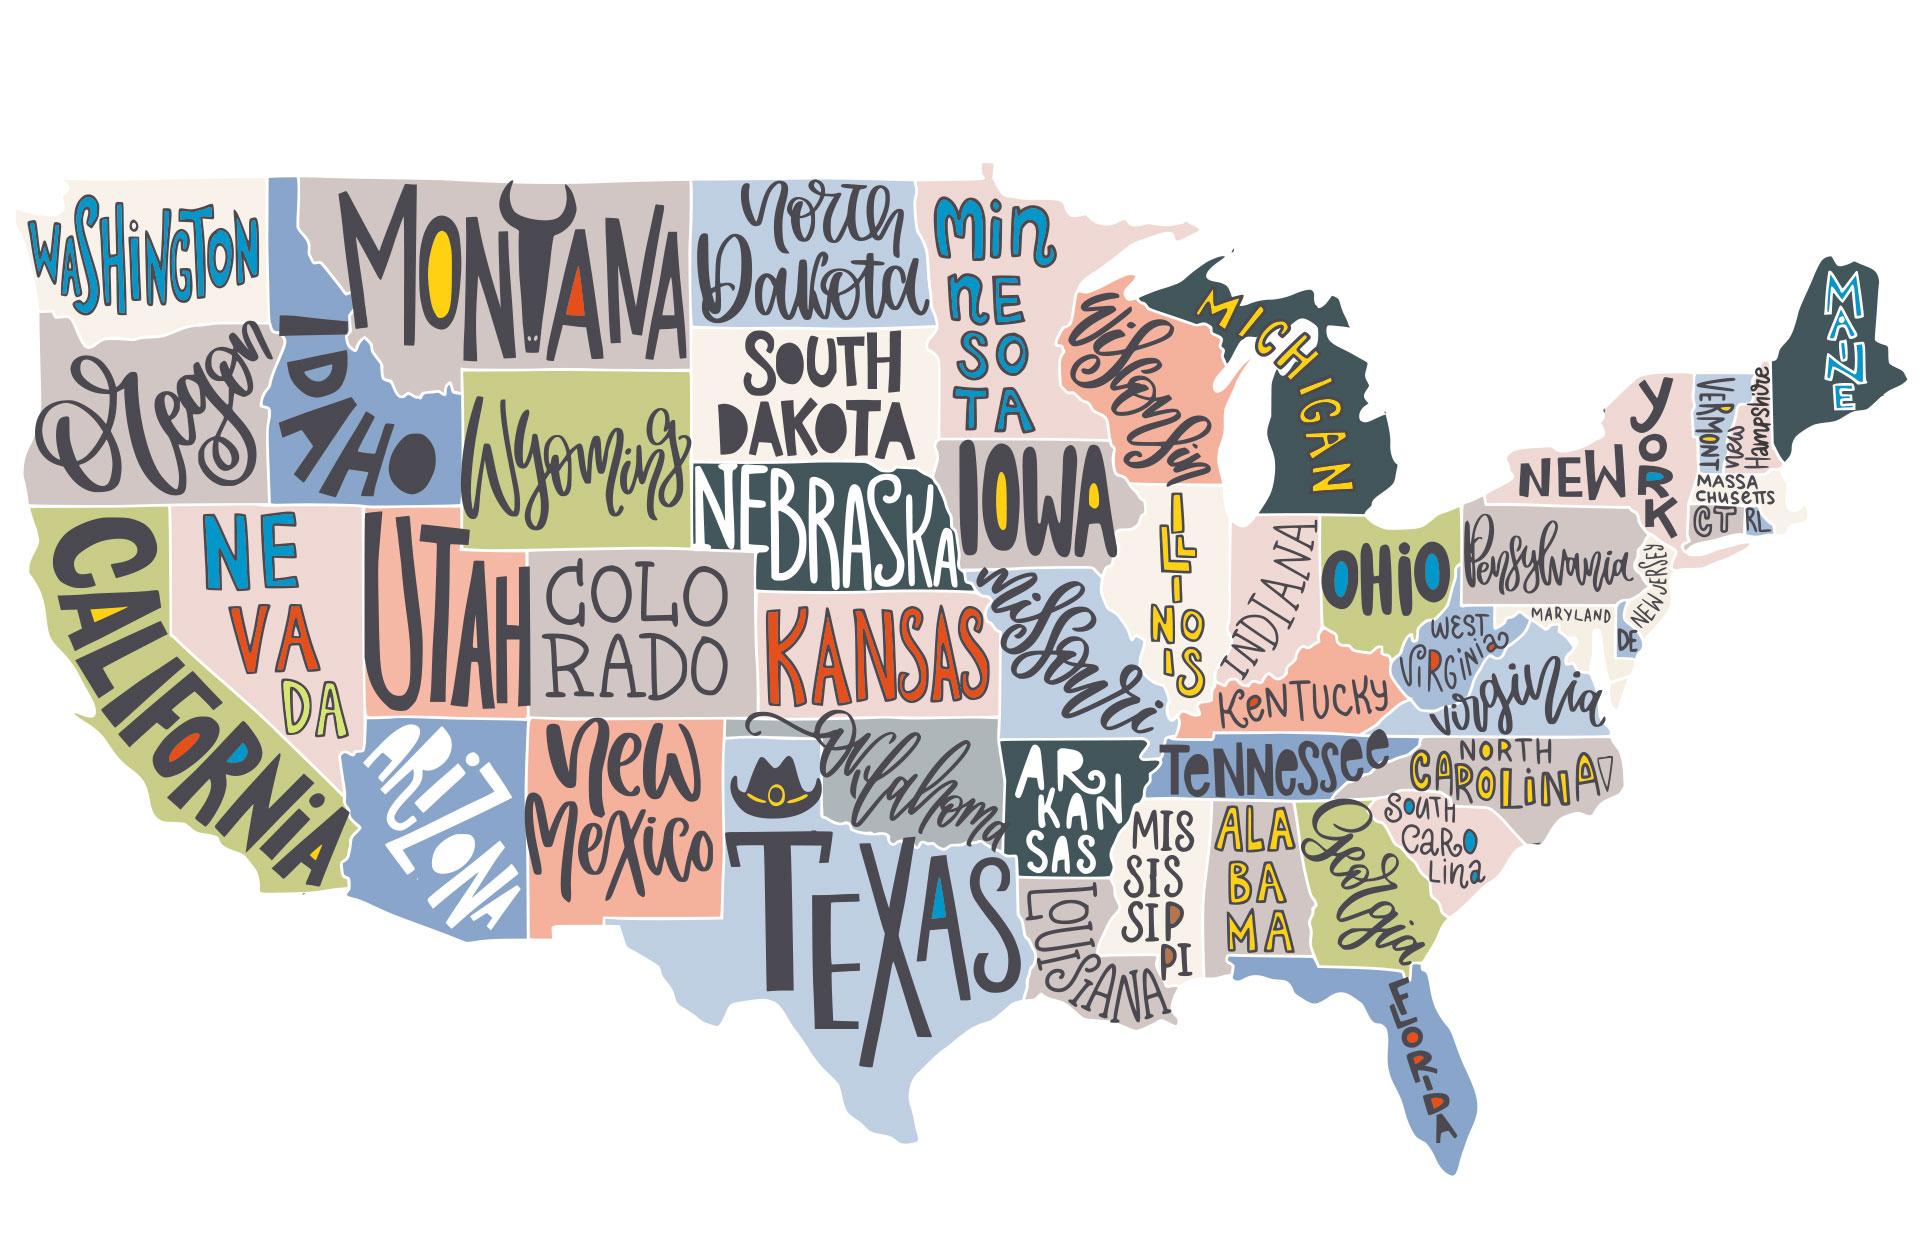 Karta över USA:s delstater